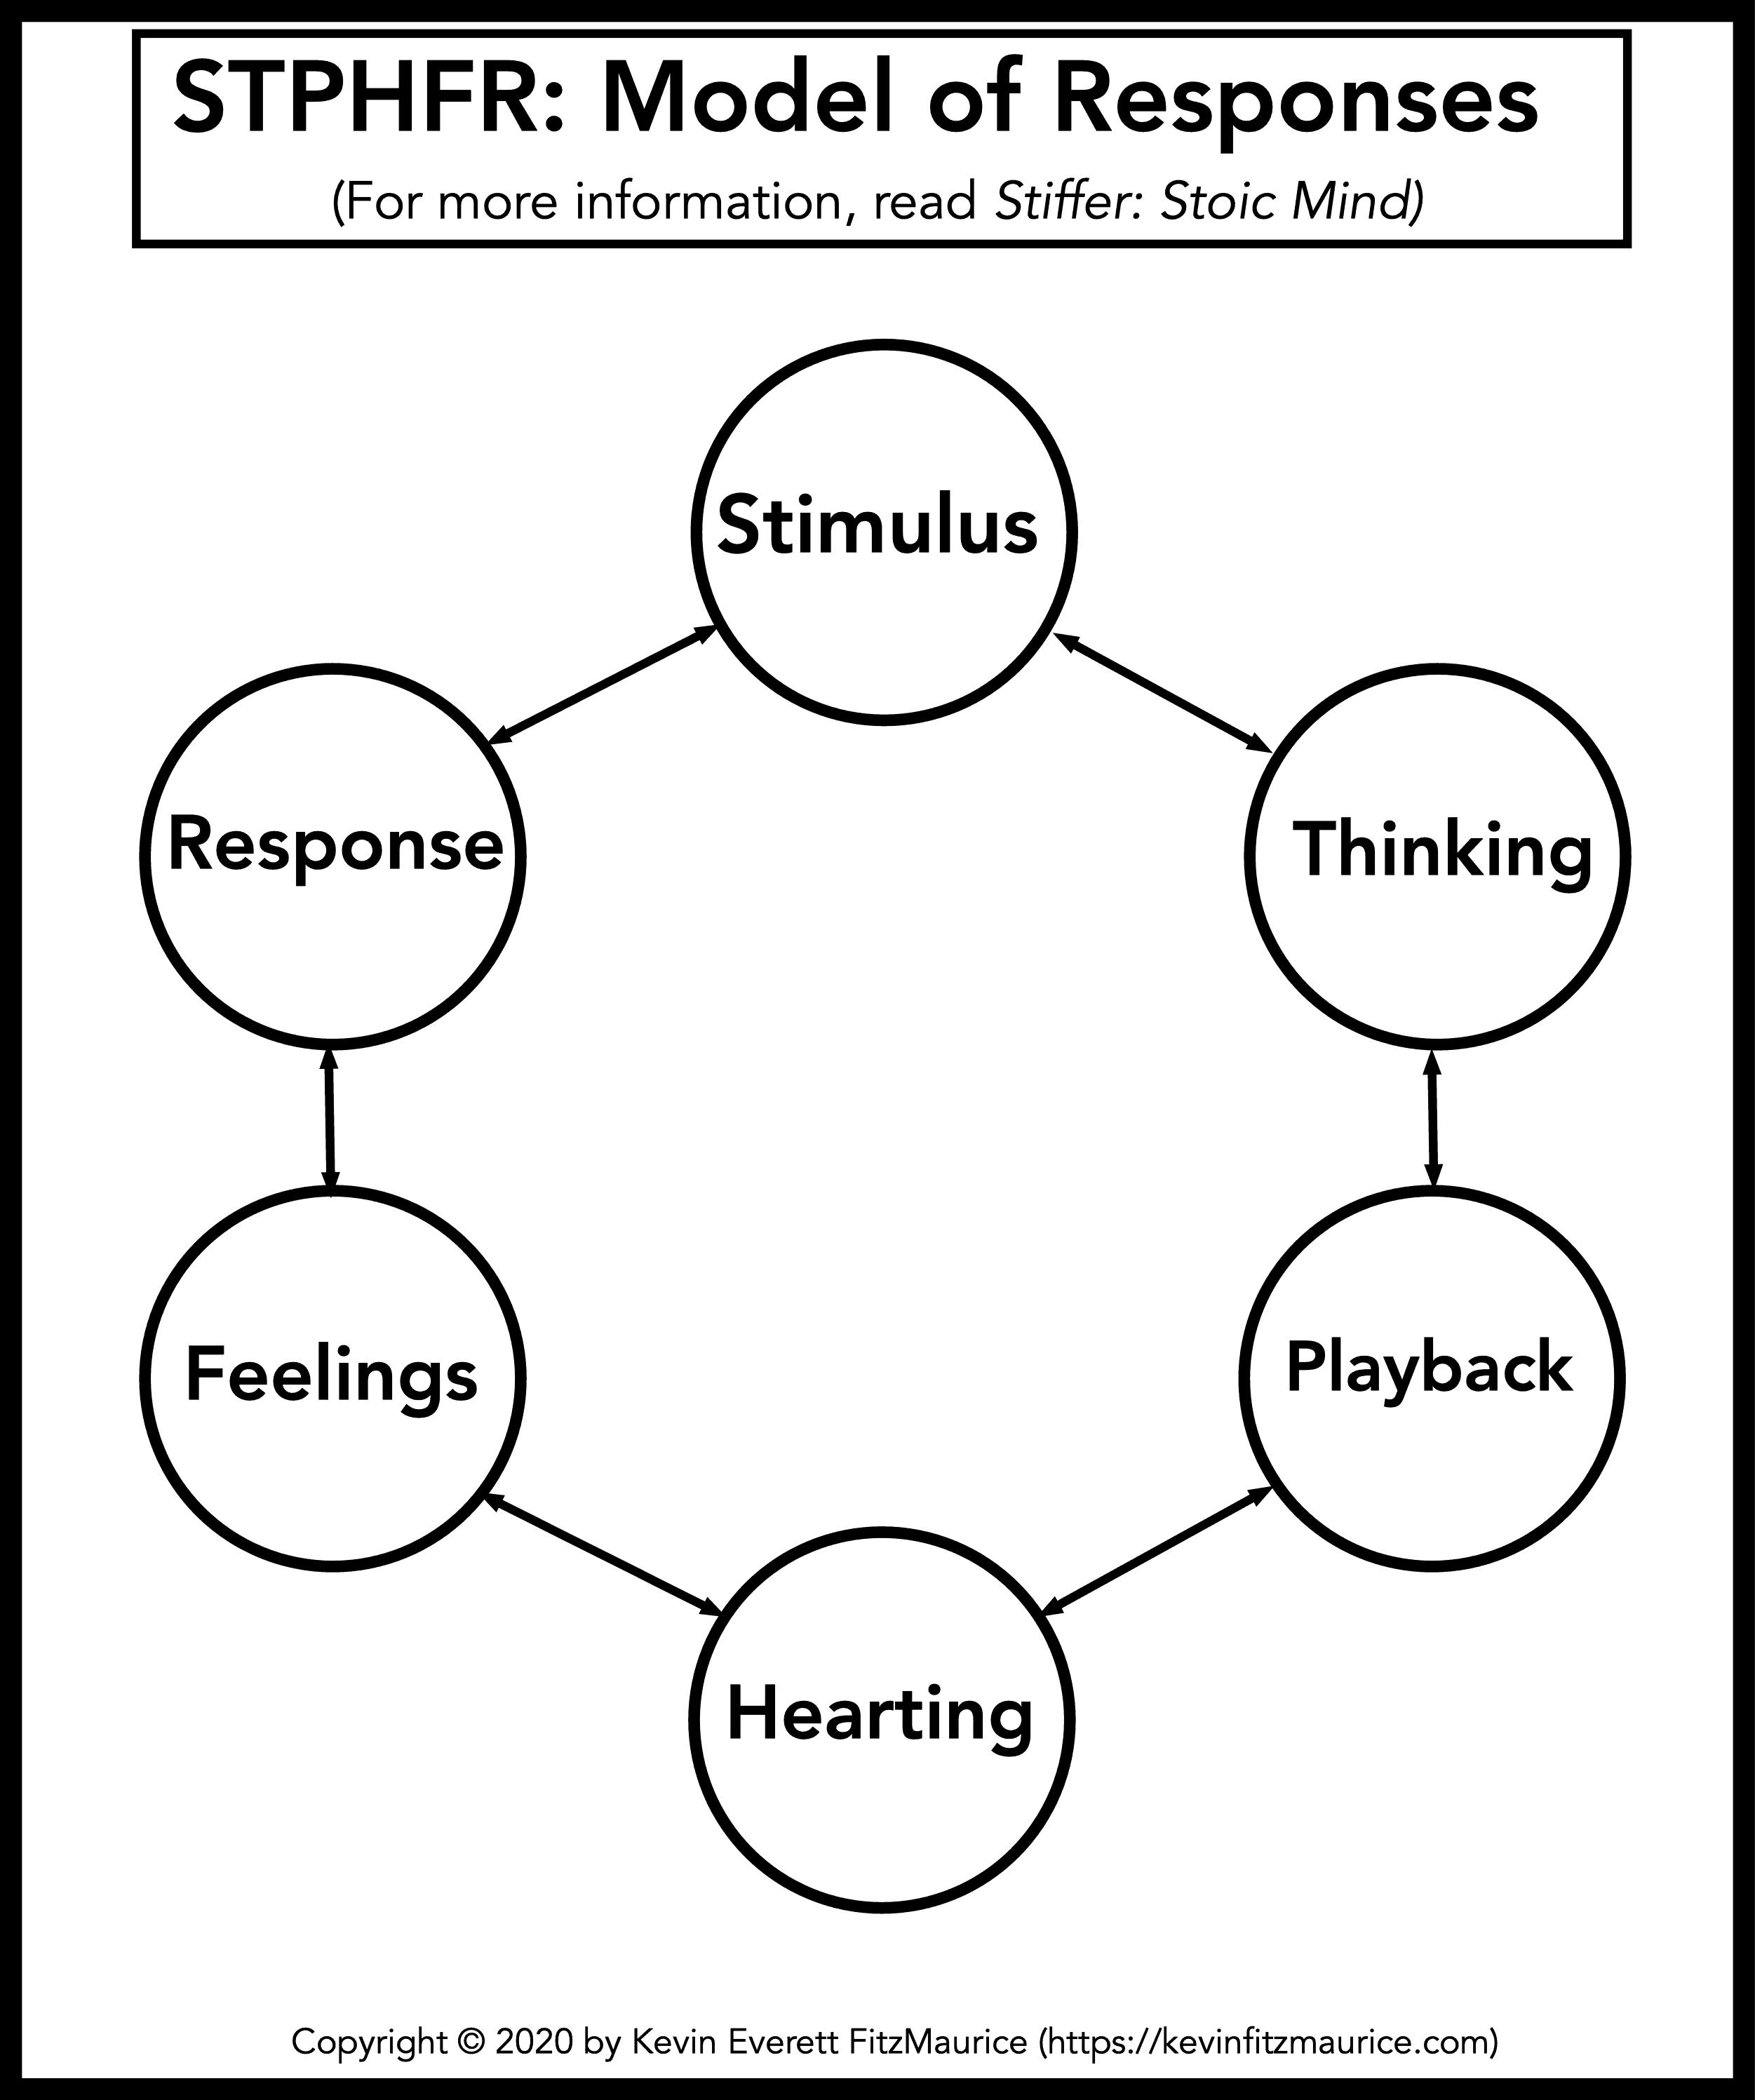 STPHFR Model of Responses Diagram